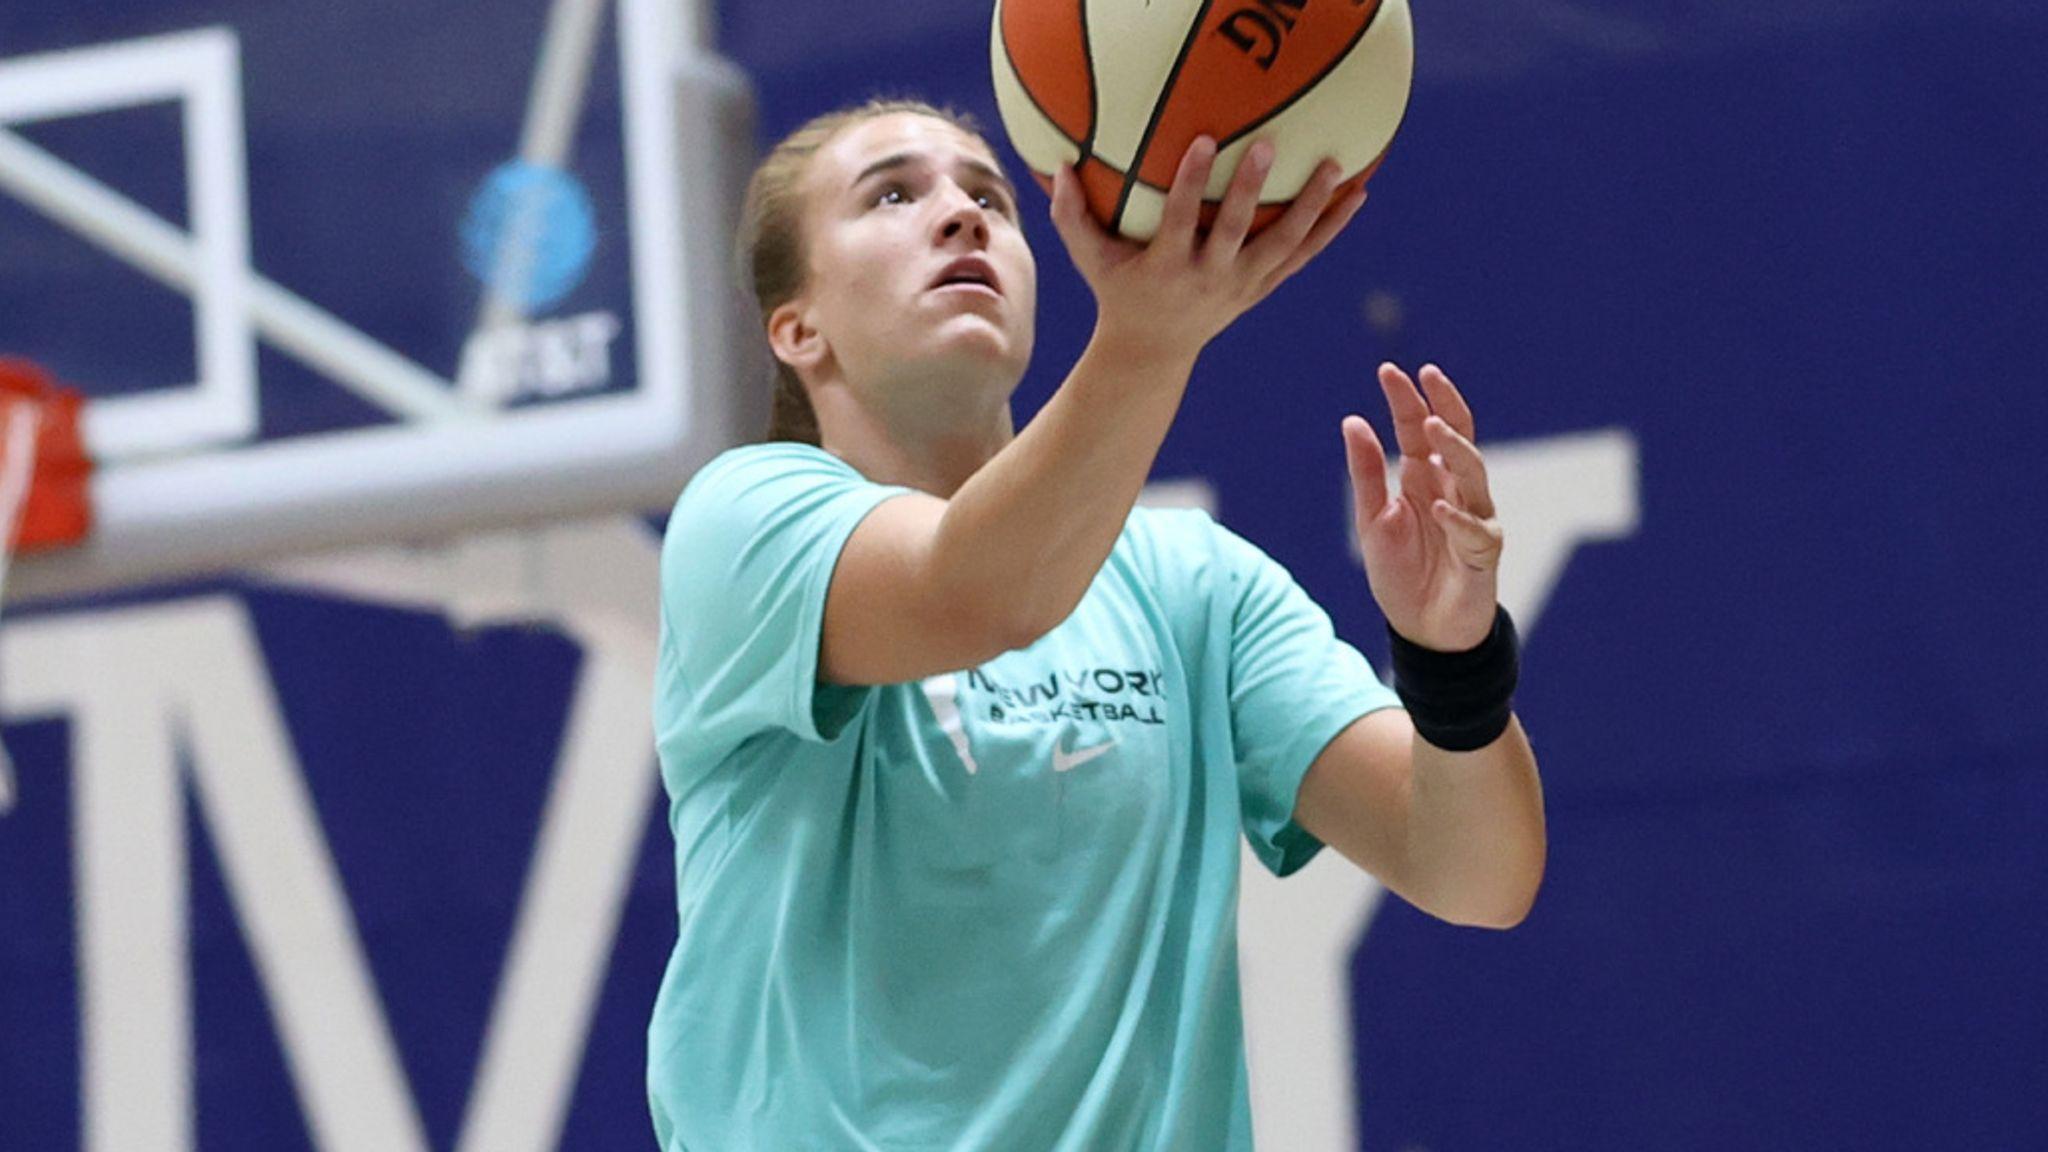 2020 No 1 Draft pick Sabrina Ionescu works out inside the WNBA bubble